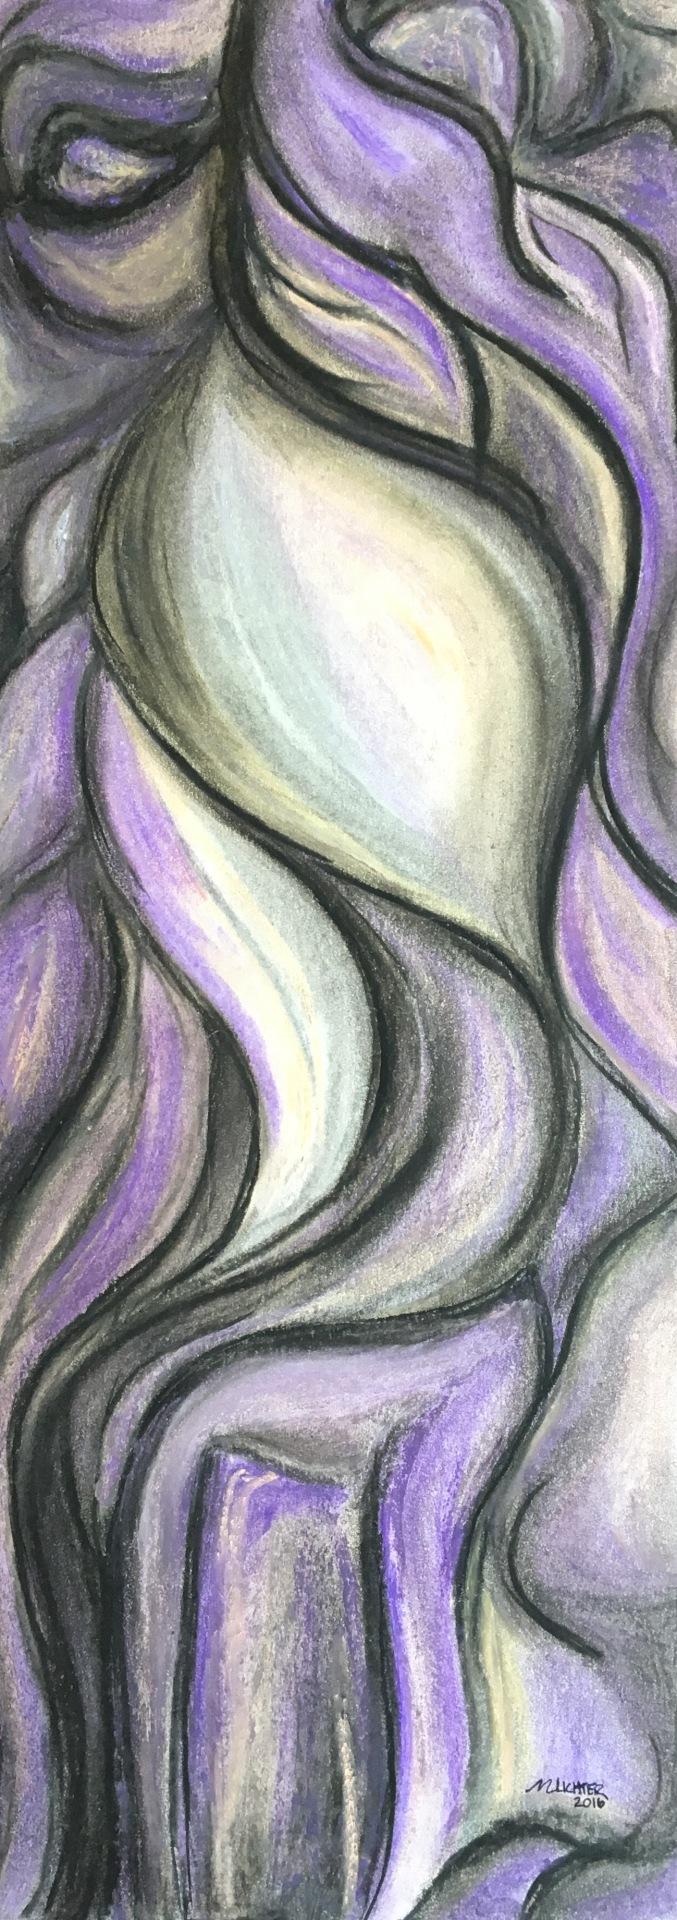 Brevity, acrylic on canvas, pastel, original by Artist Mindy Lichter.  MLICHTER fINE ART dESIGN.